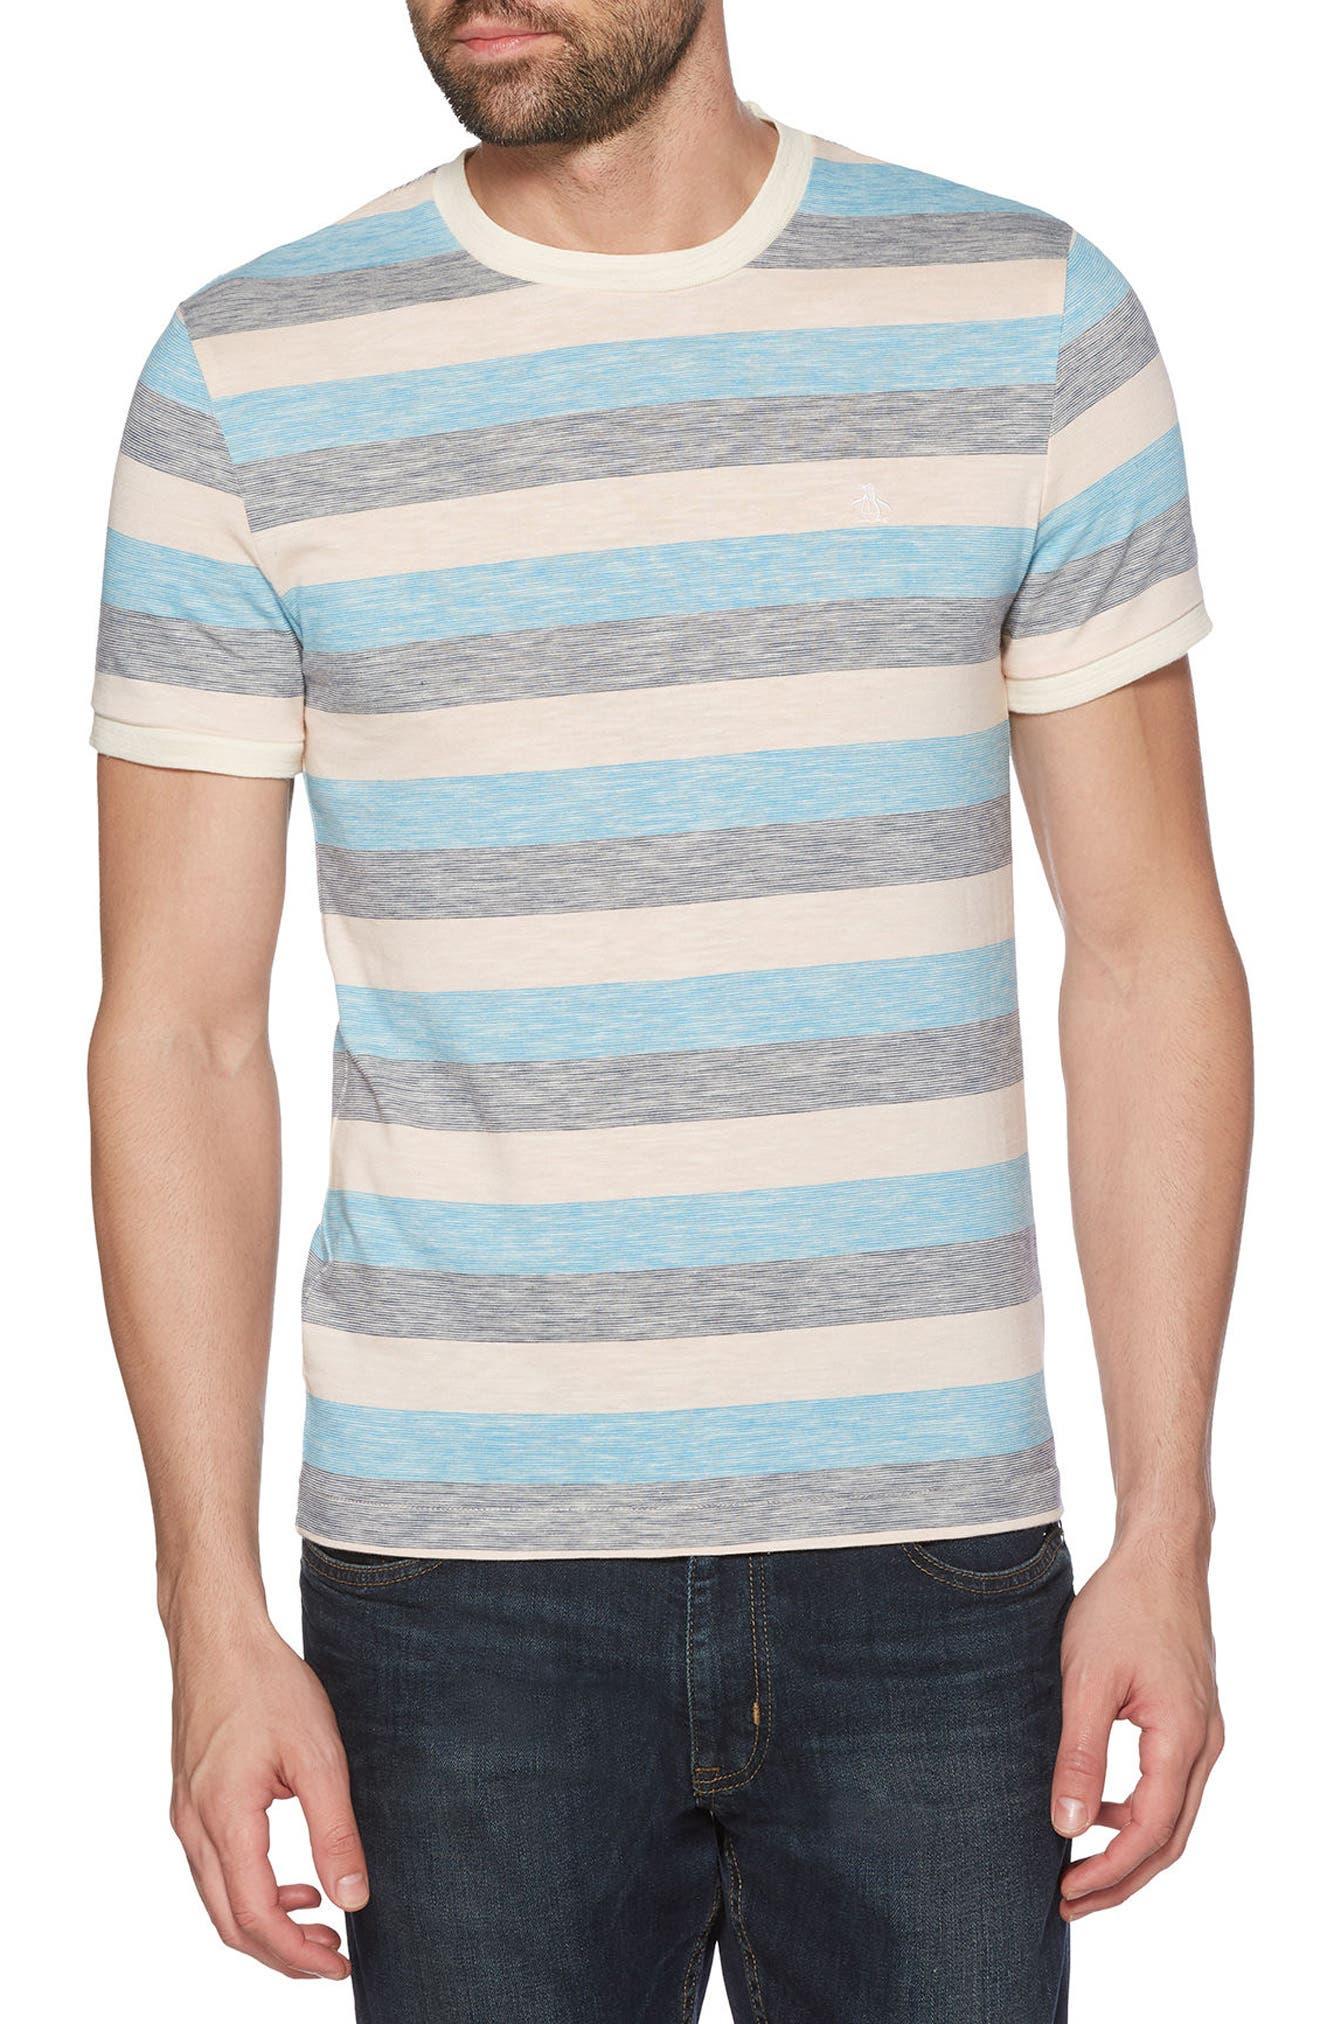 ORIGINAL PENGUIN Reverse Feeder Stripe T-Shirt, Main, color, 682